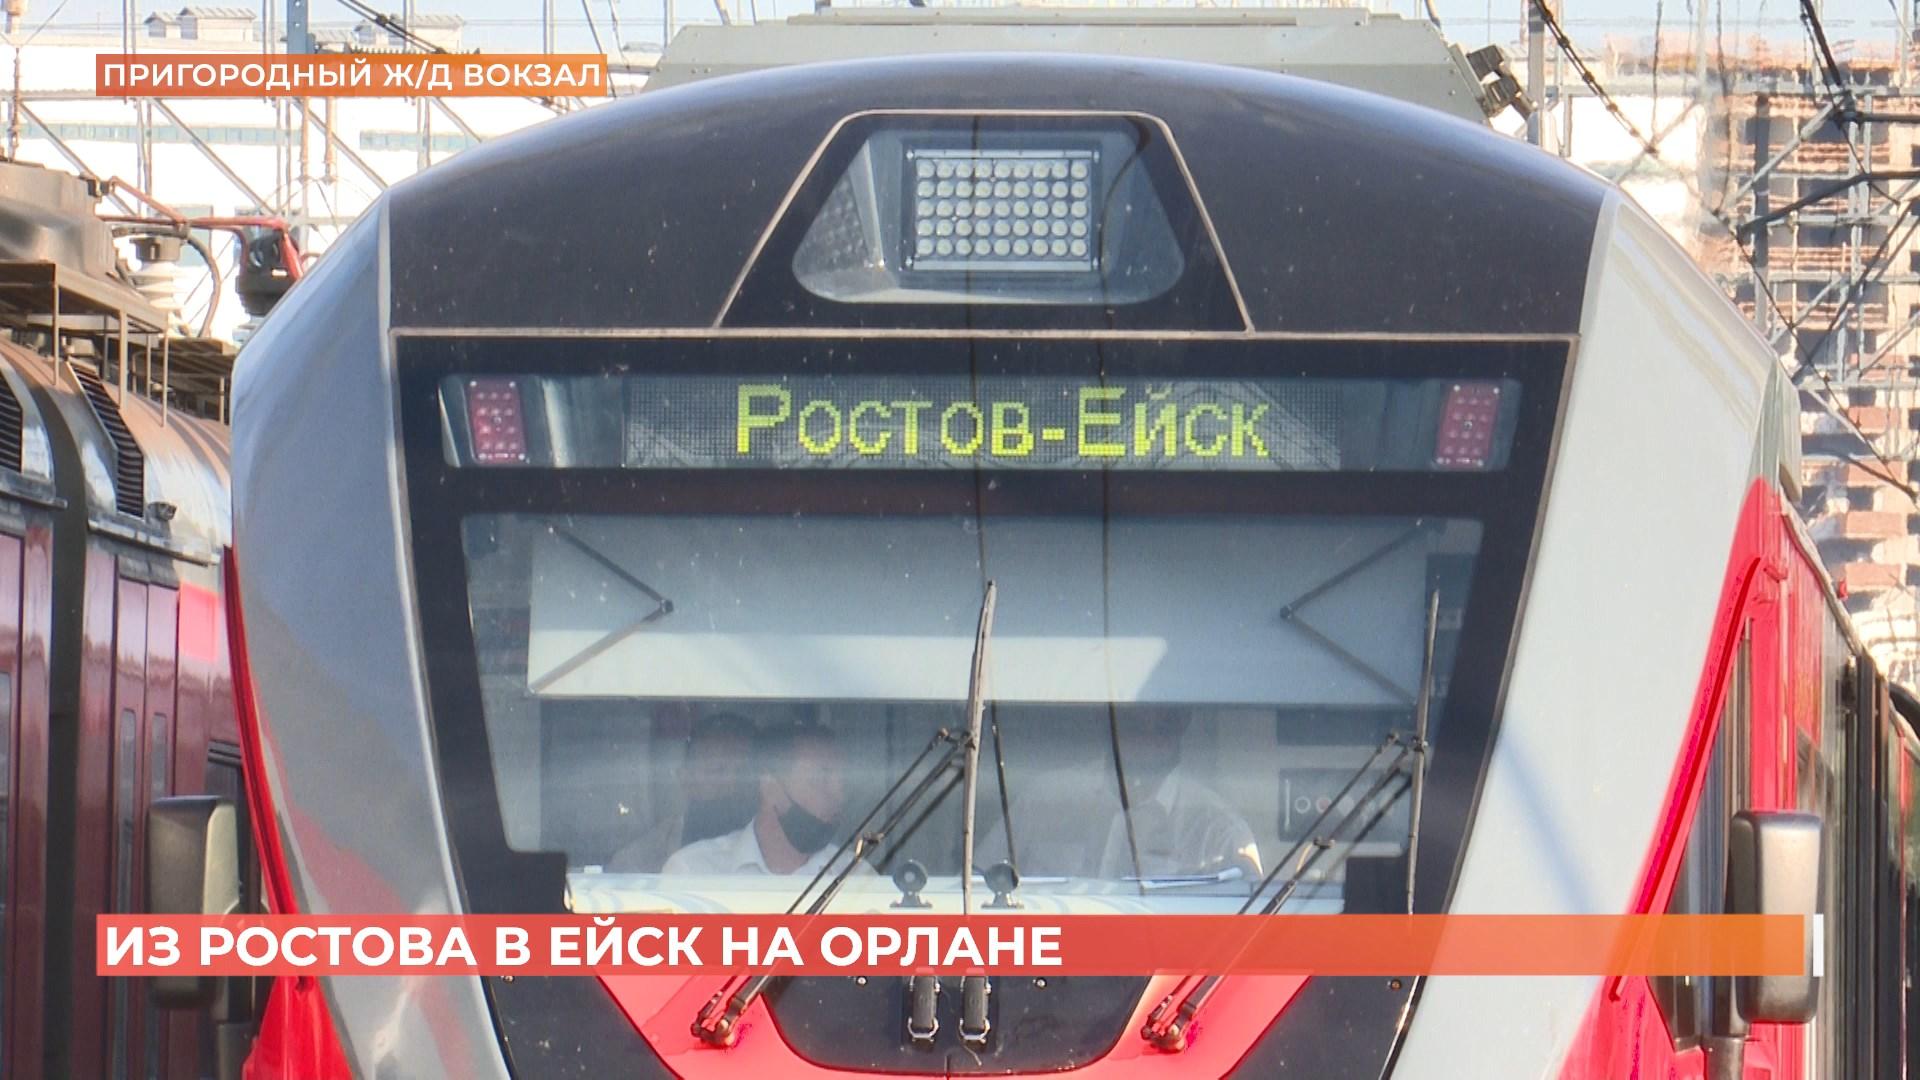 К побережью на железнодорожном «Орлане»: из Ростова запустили рельсовые автобусы до Ейска